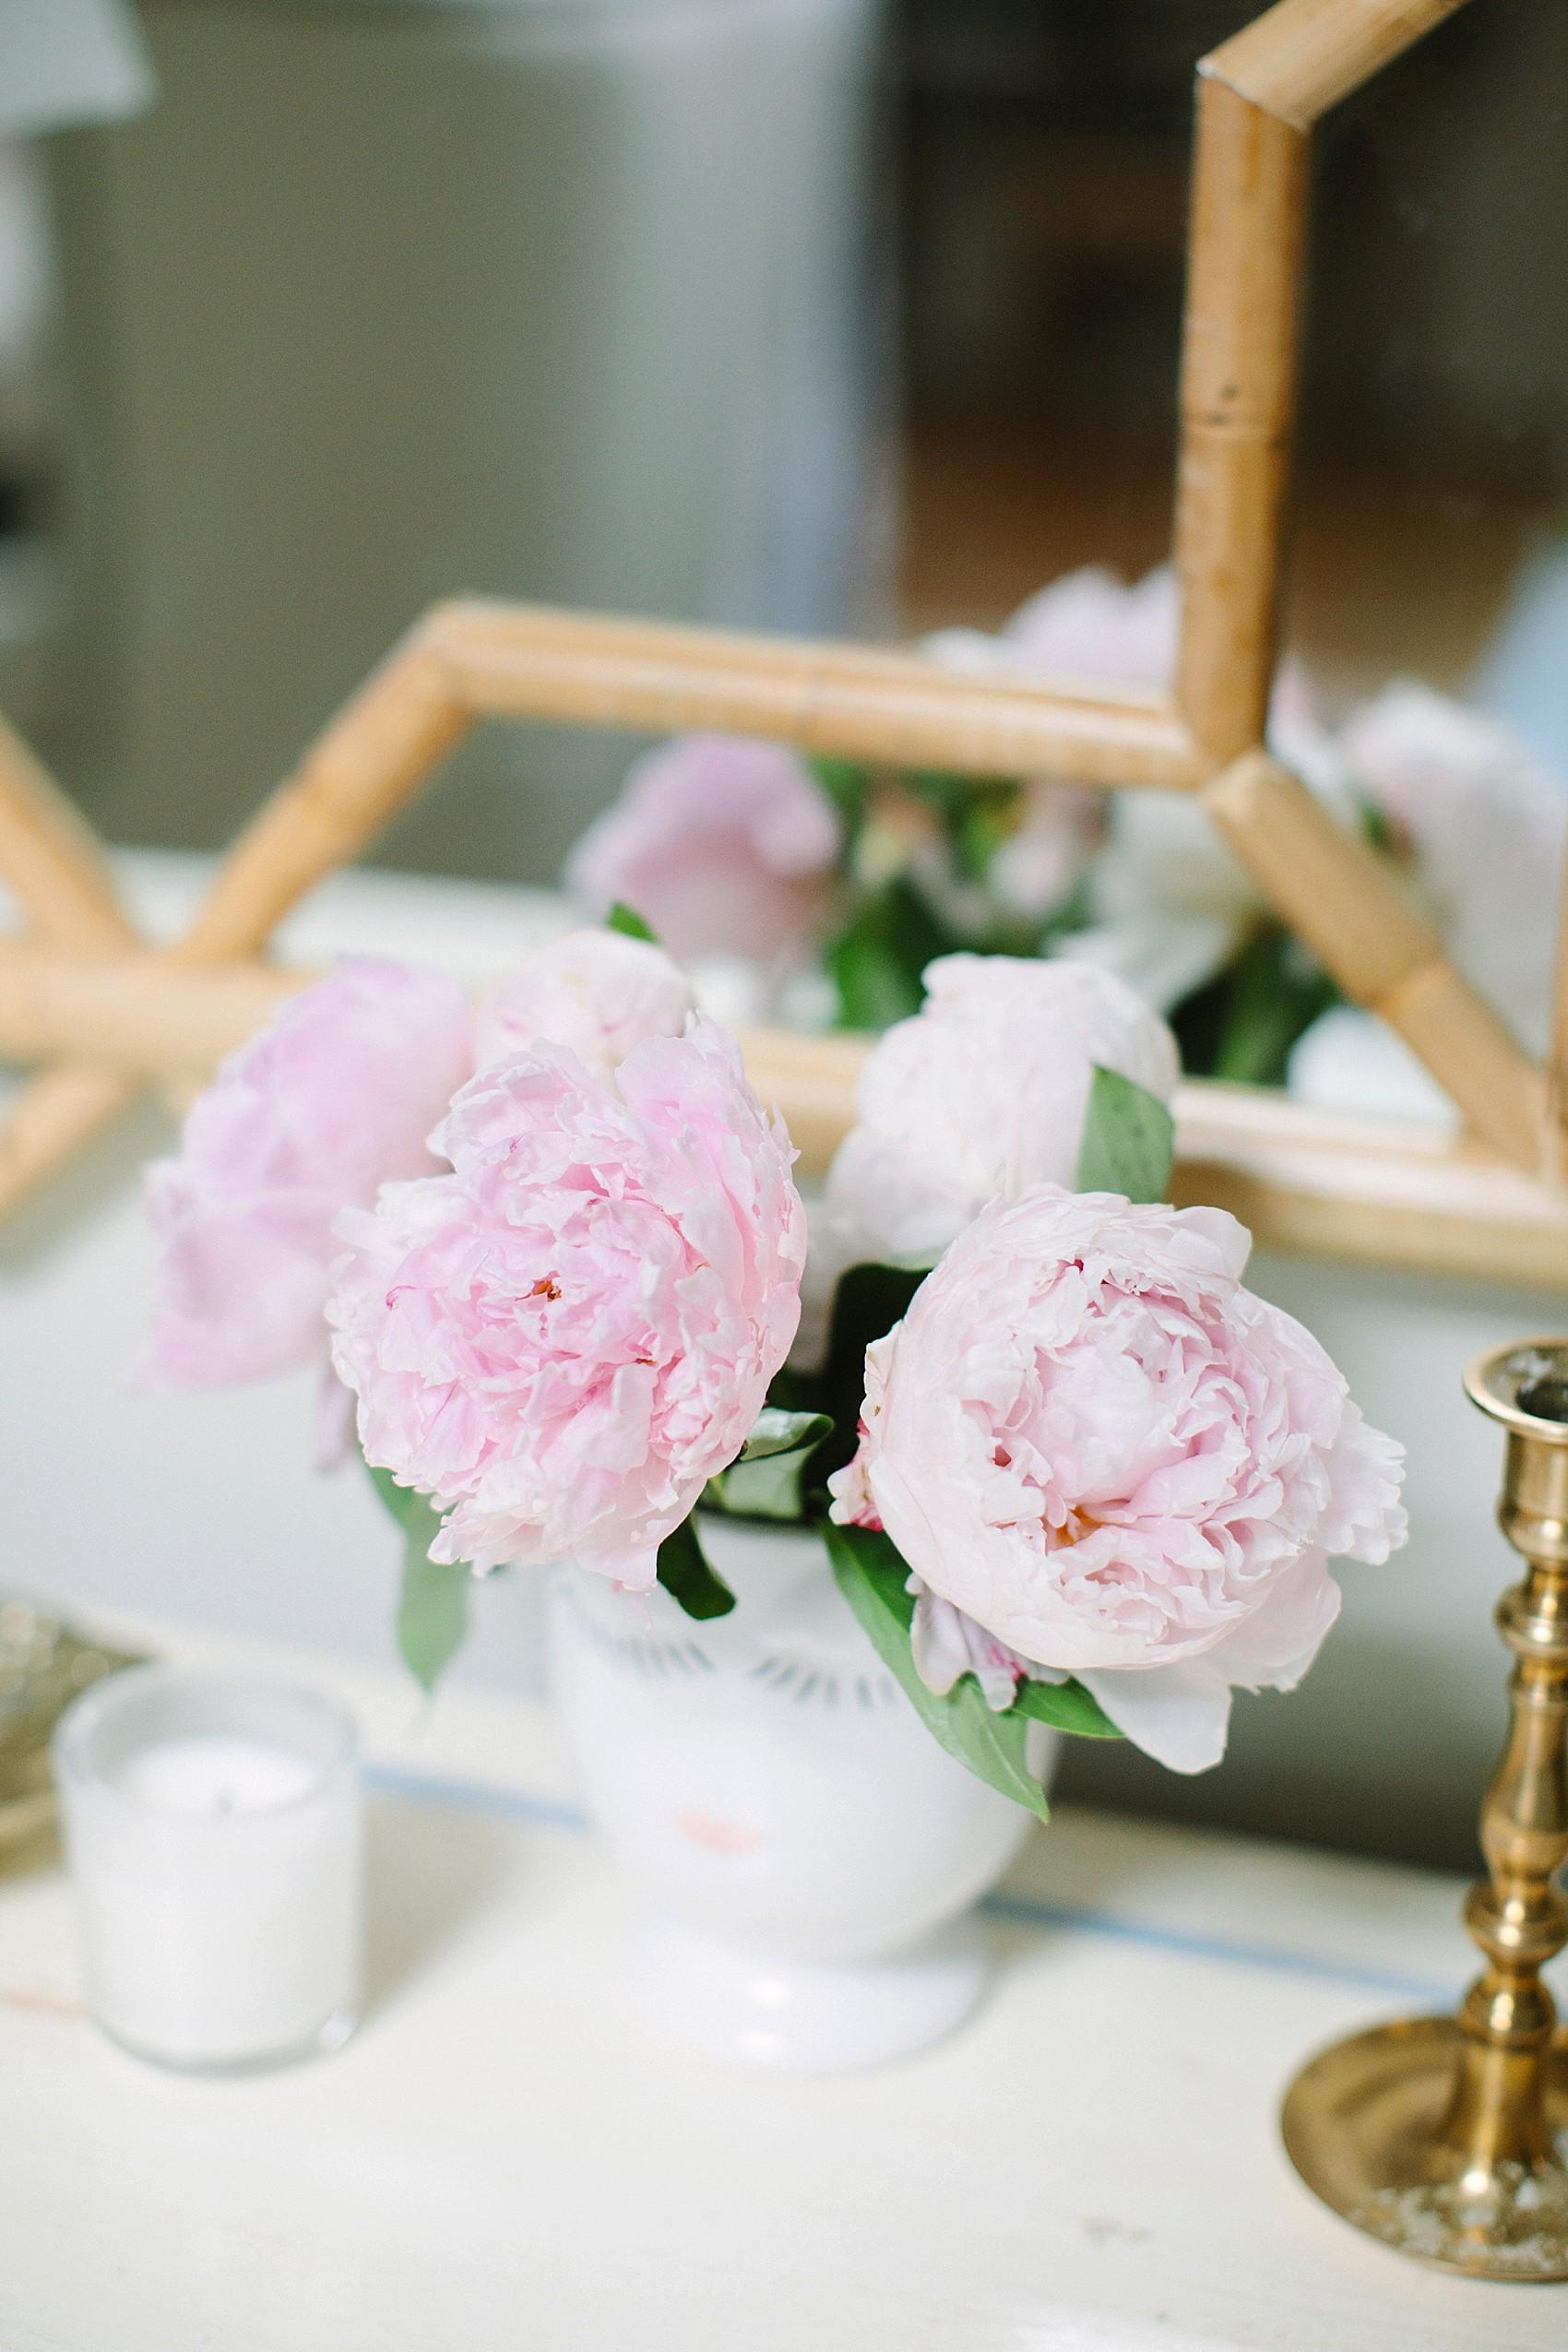 serena and lily bamboo rattan coastal lanai mirror